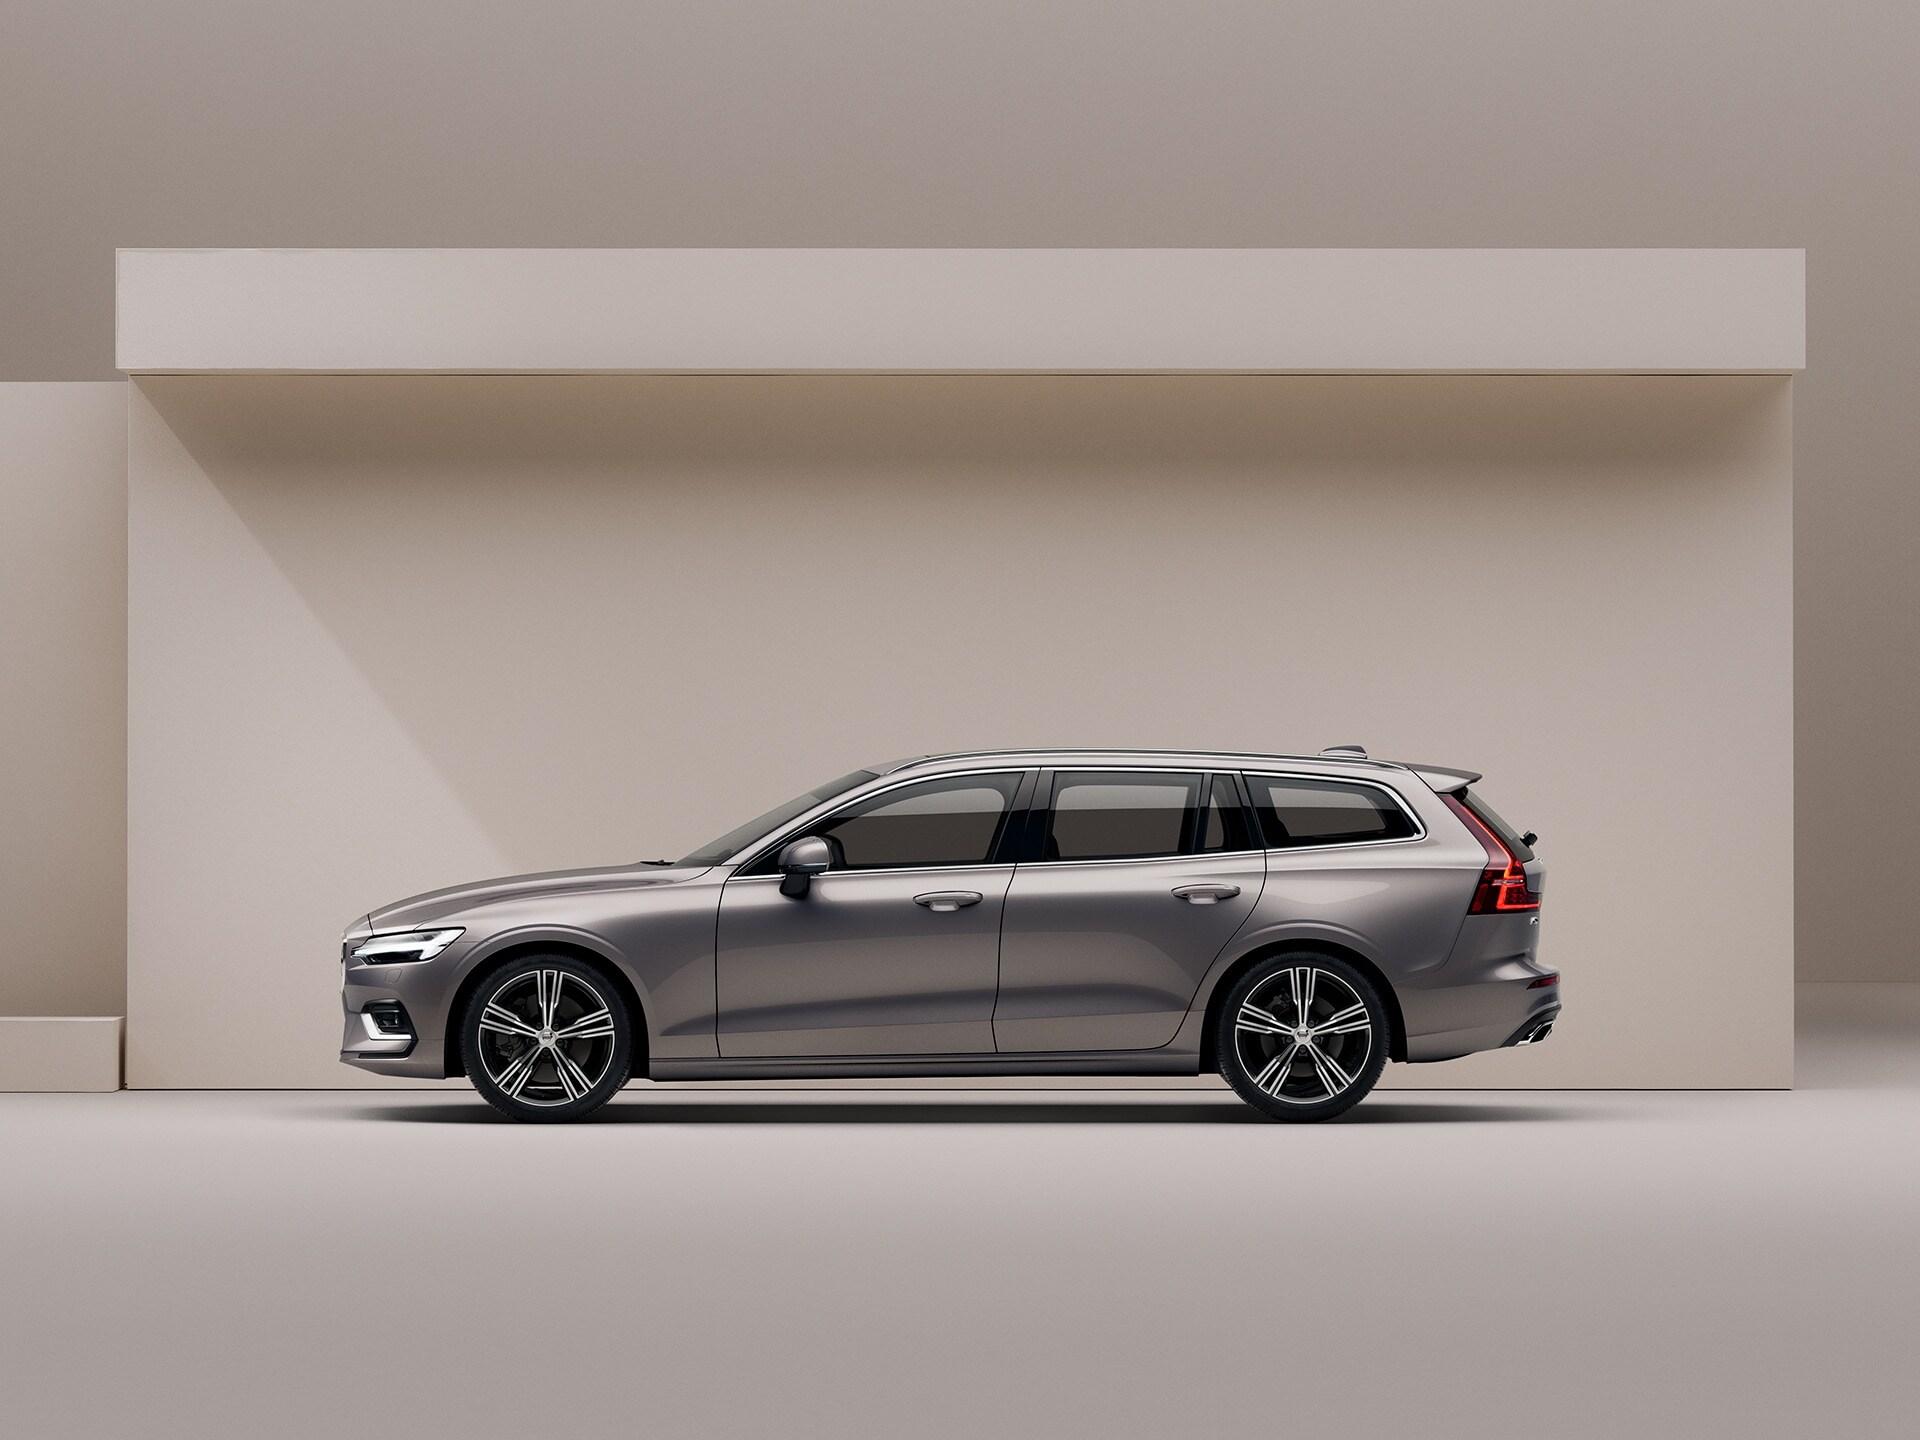 En beige Volvo V60 i beige omgivelser